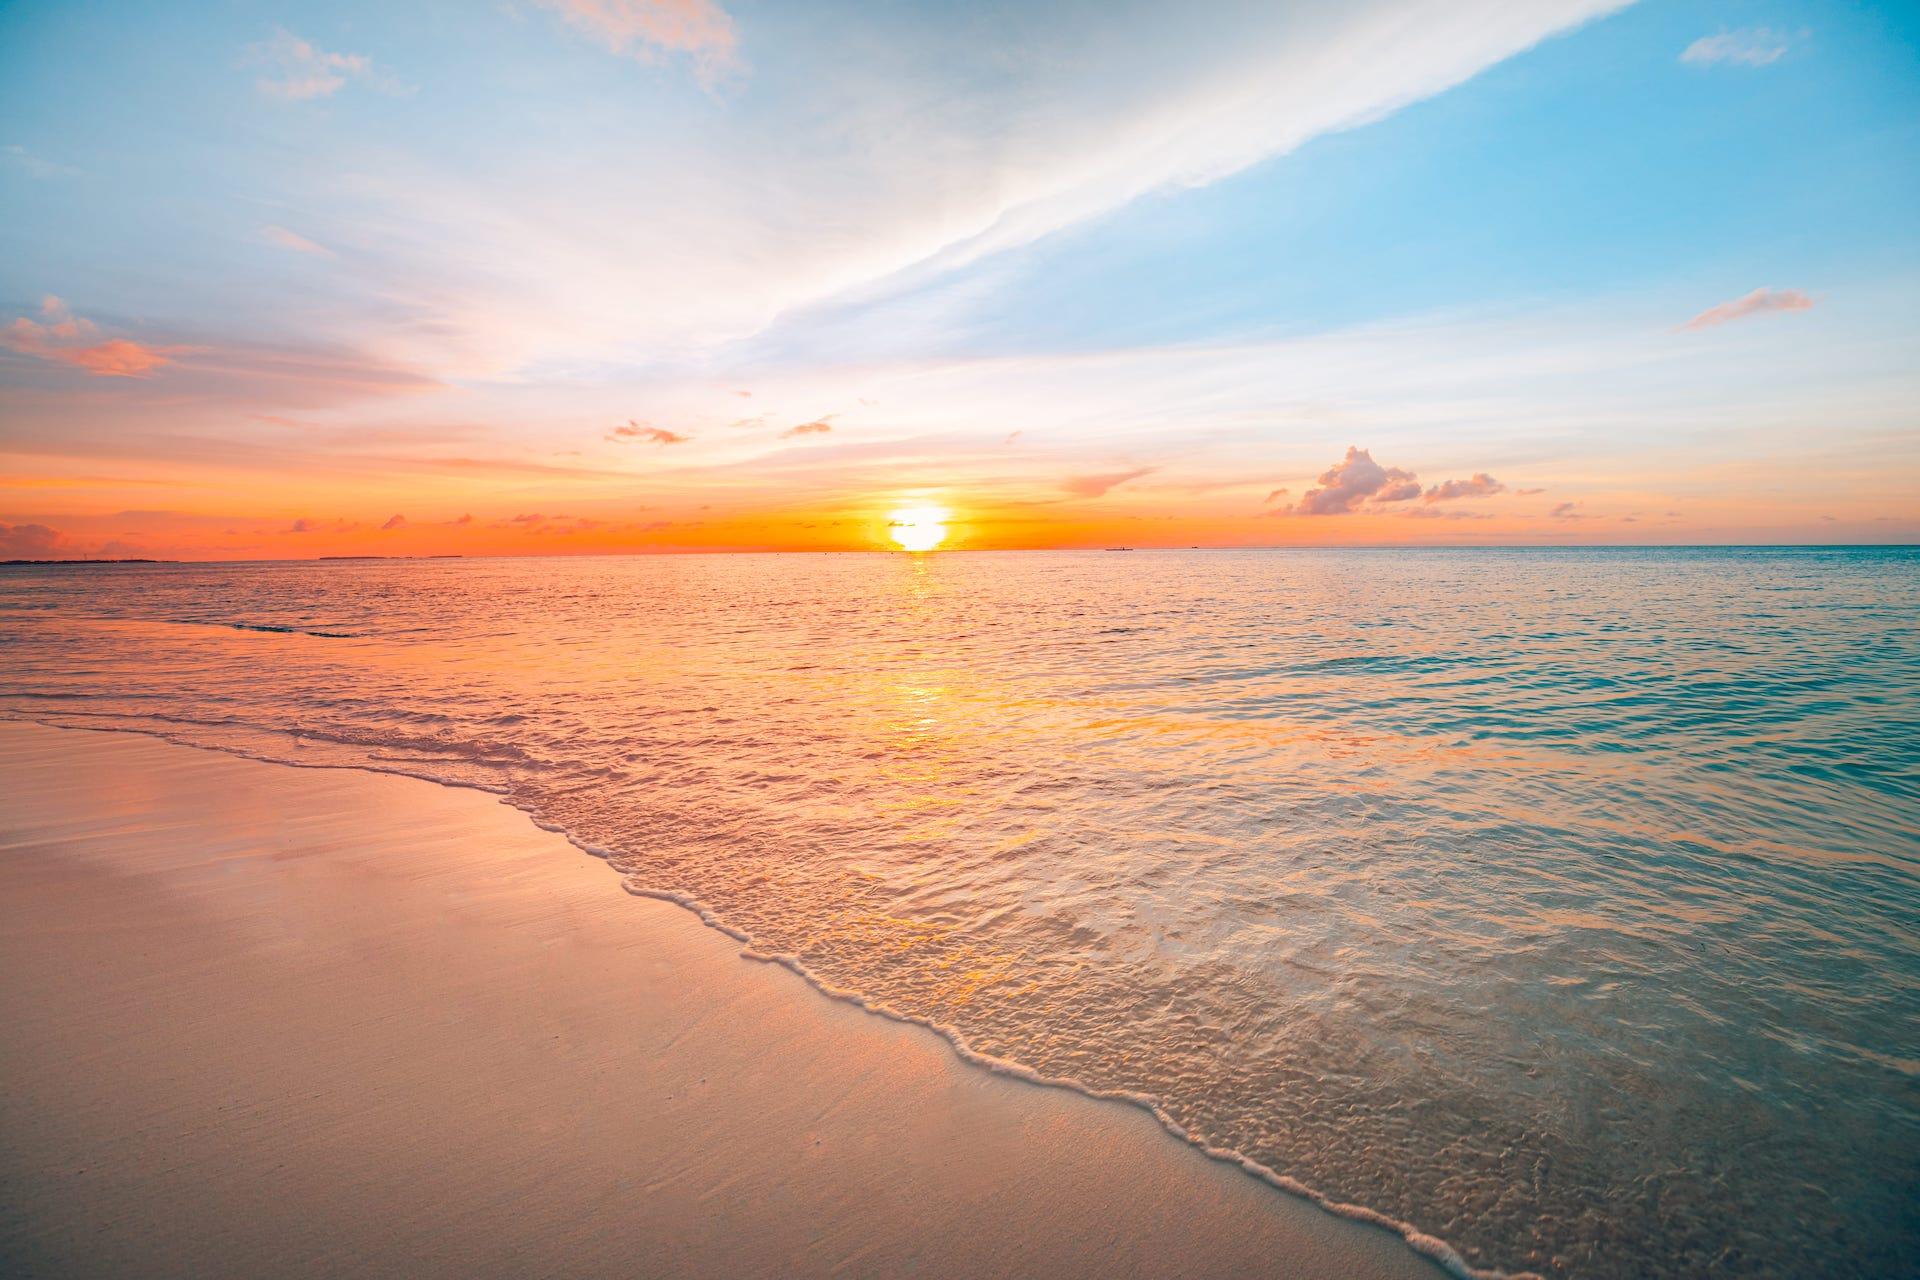 Idyllic beach setting